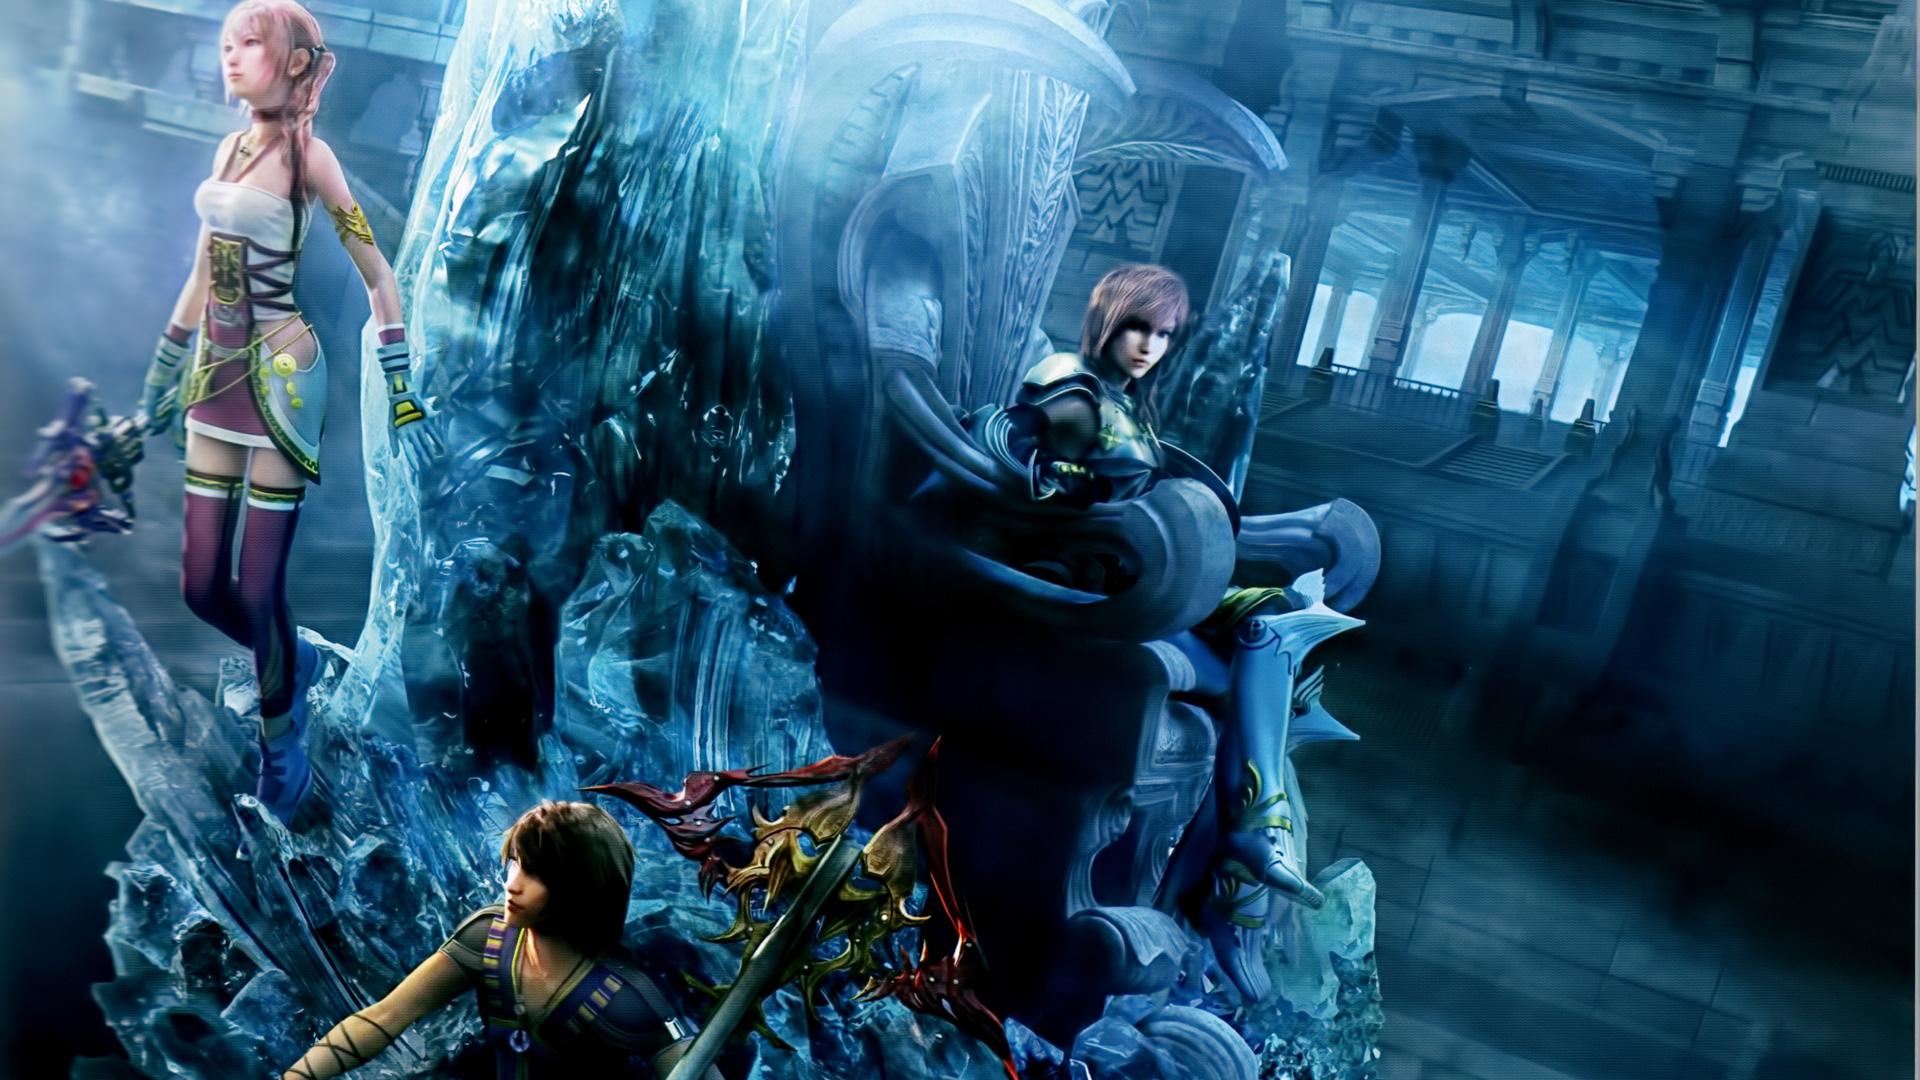 Final Fantasy 13 Wallpaper Hd Wallpapersafari